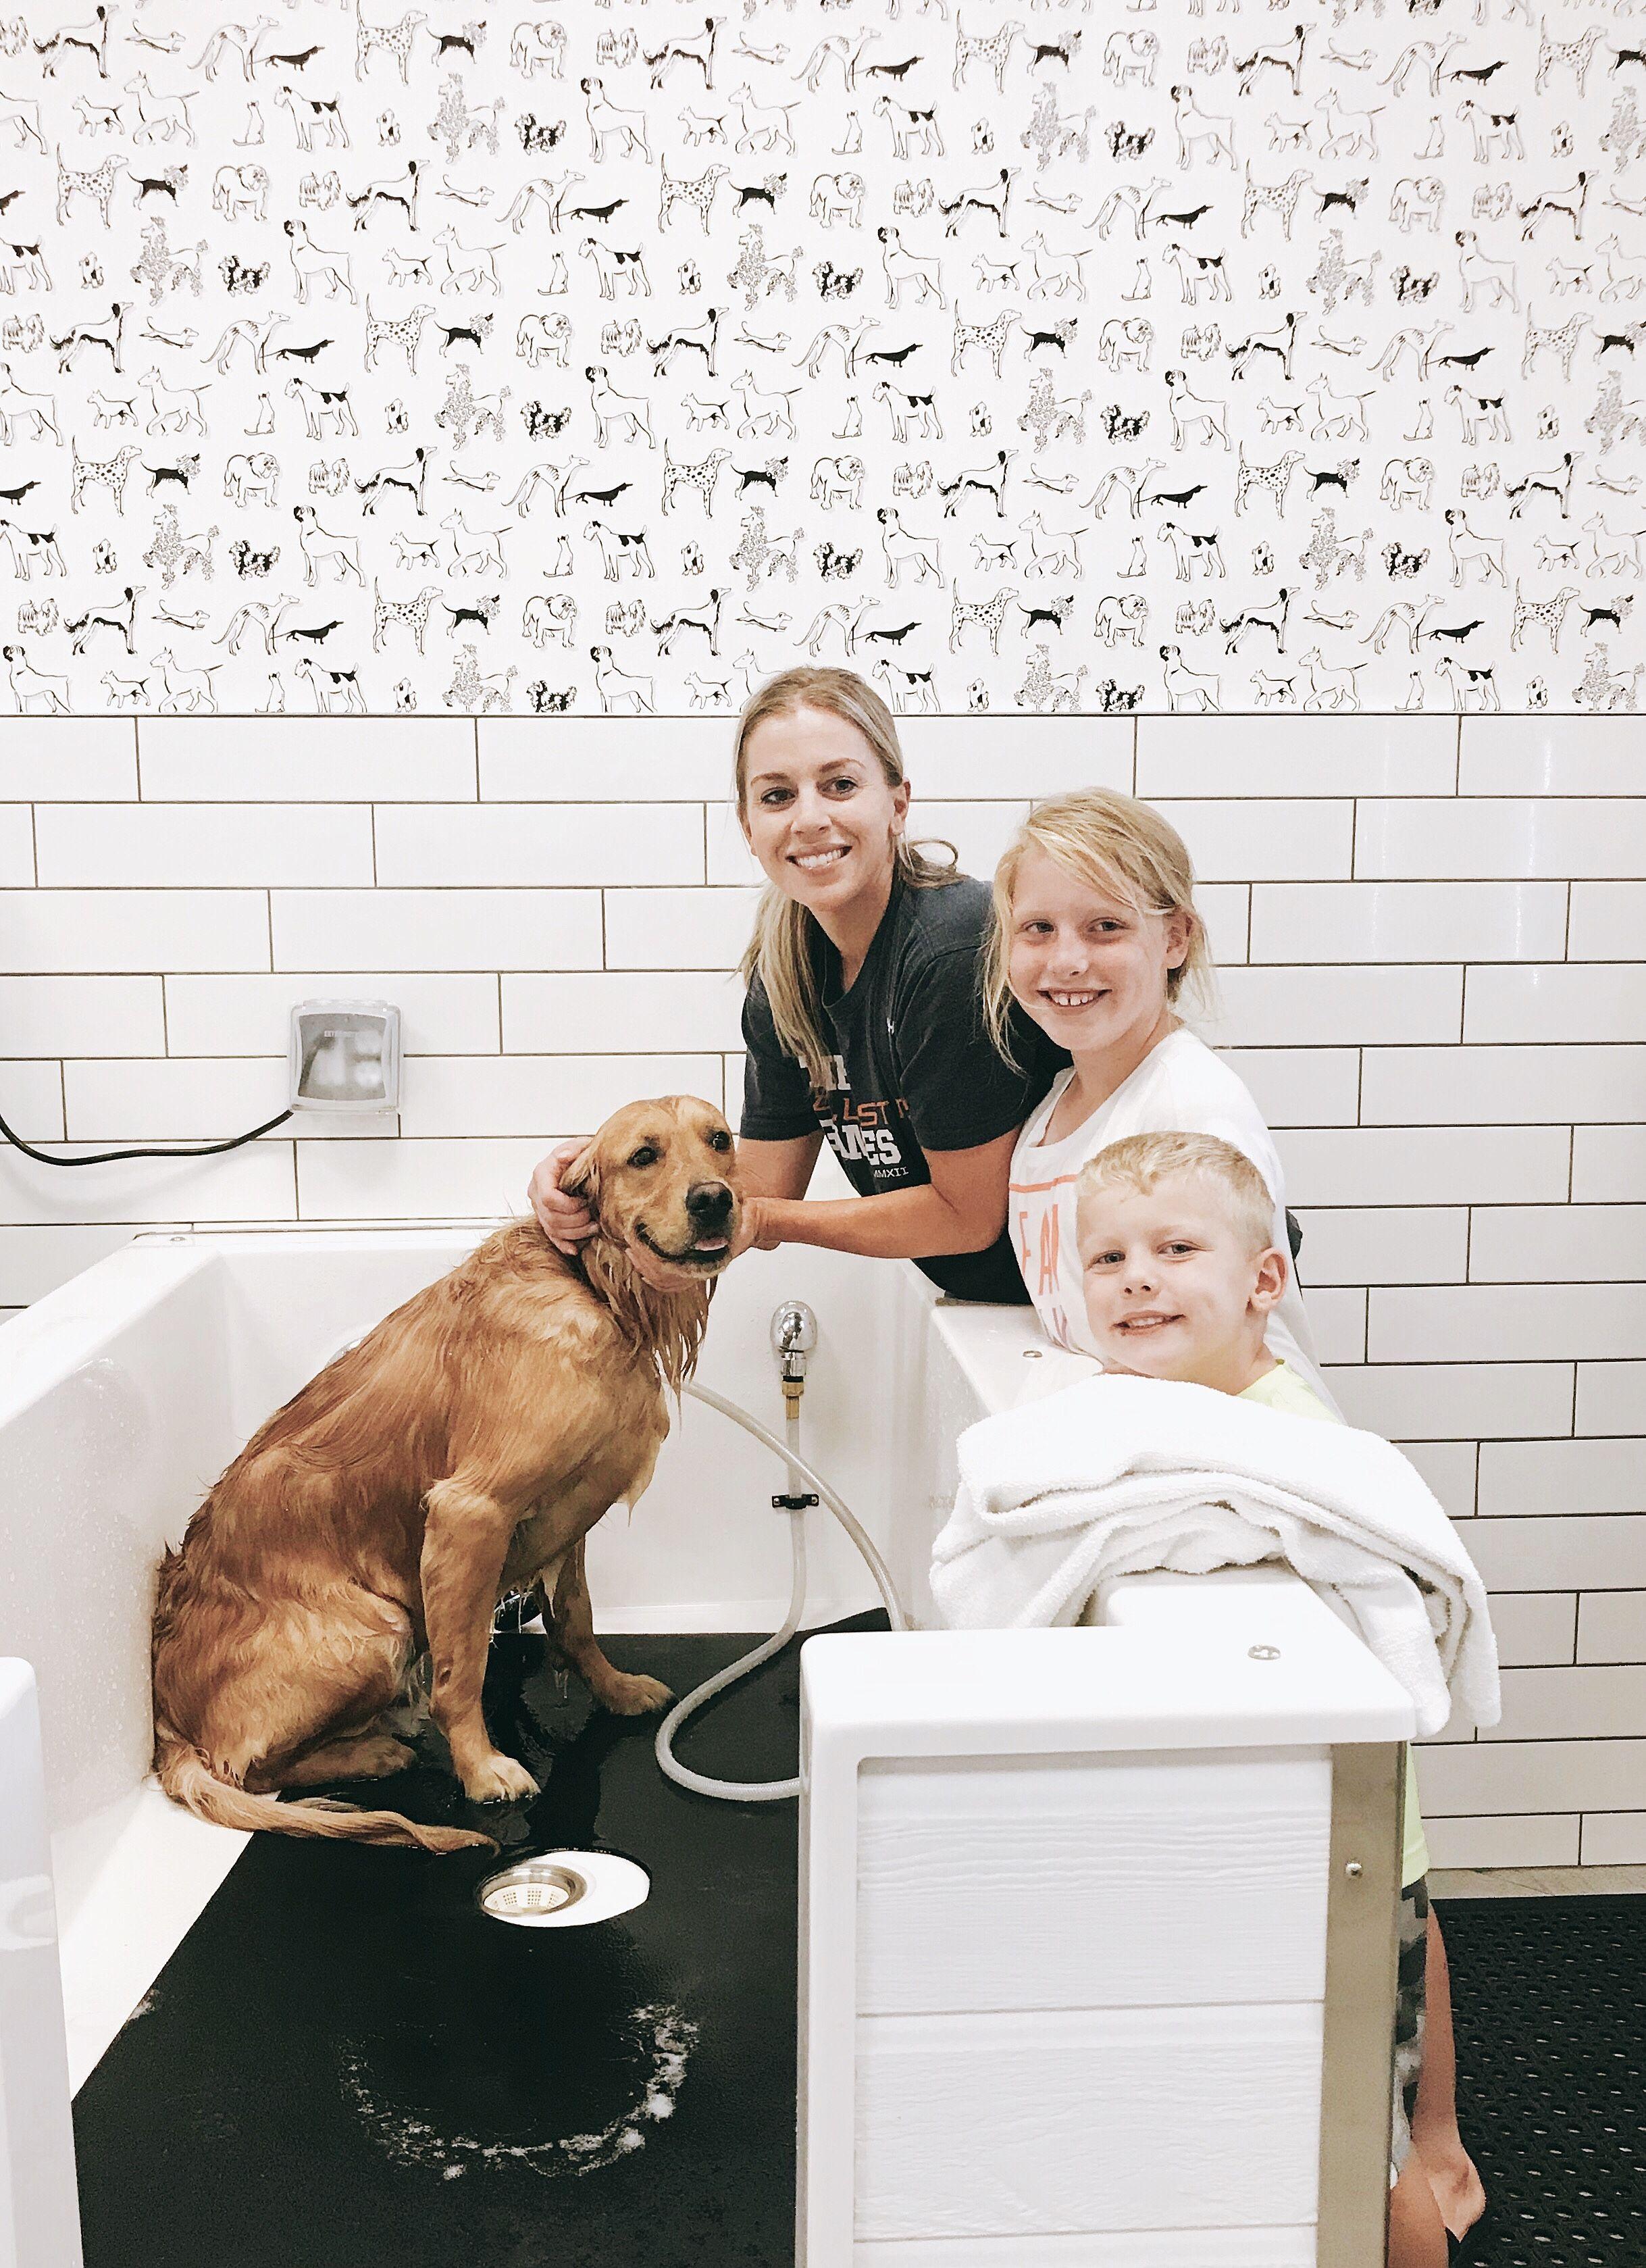 Self Service Dog Wash Service Dogs Dog Wash Dog Business